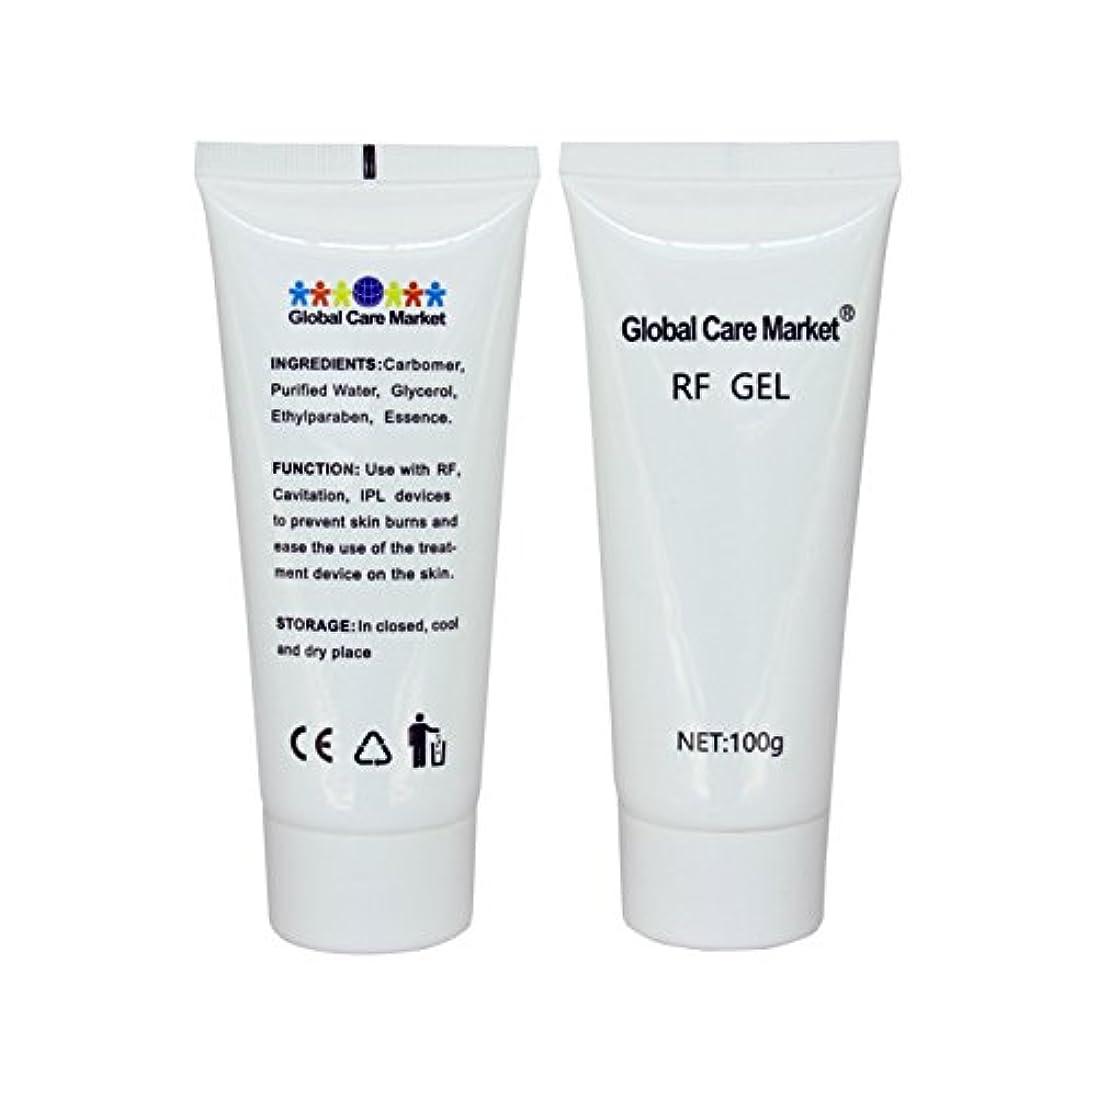 それぞれとげのあるストラトフォードオンエイボンRF GEL(2 Pack) - 高周波治療装置に使用する皮膚冷却および潤滑です